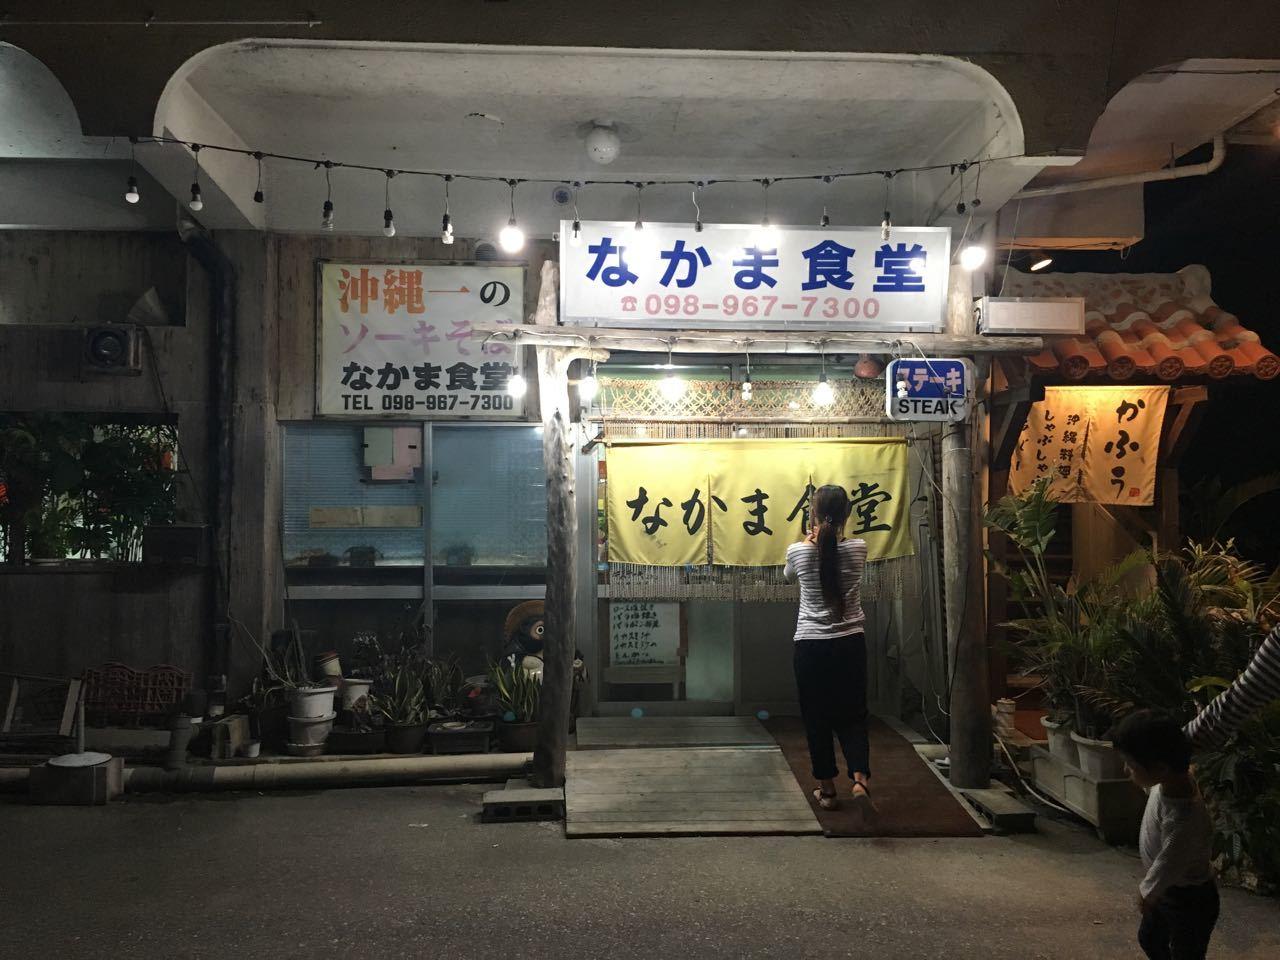 2018.11.10「ツールド沖縄前日」_c0197974_22082552.jpg